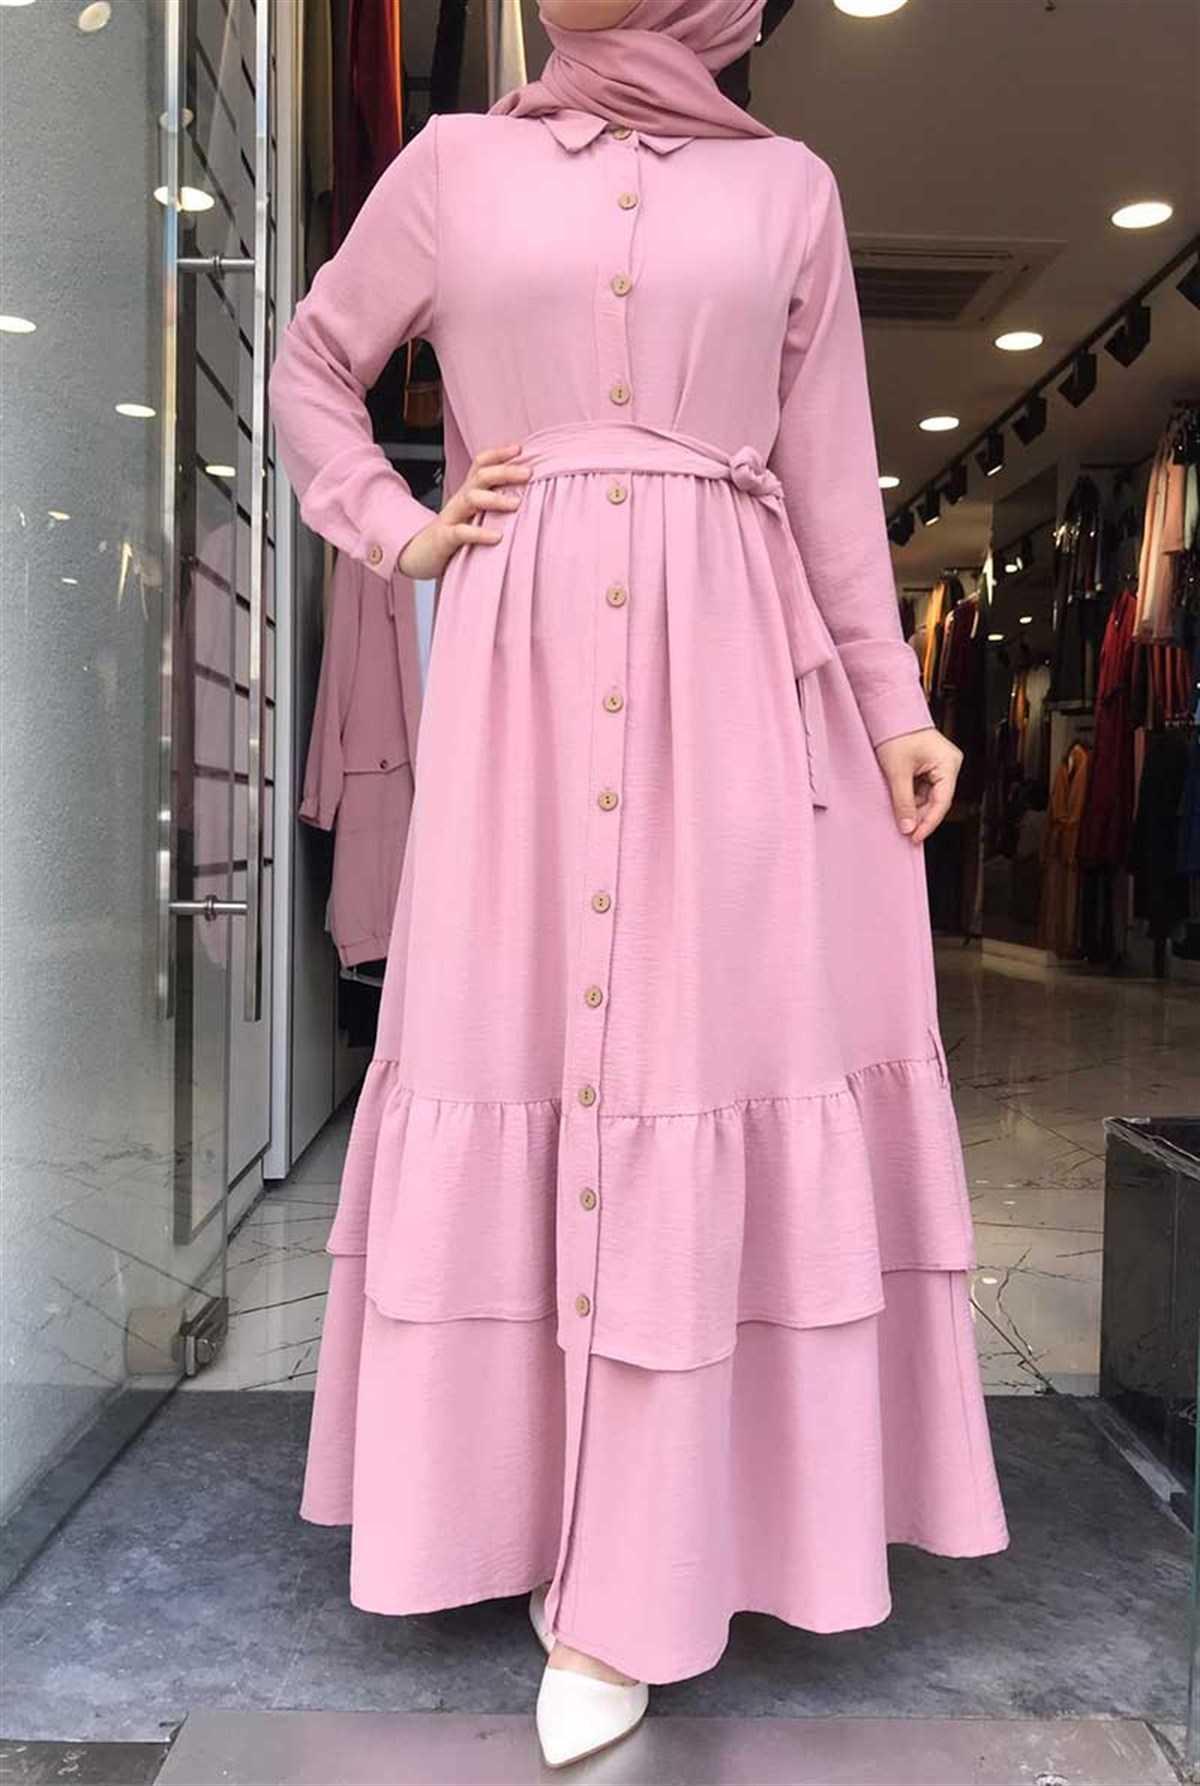 Gizemsmoda Düğmeli Tesettür Elbise Modelleri